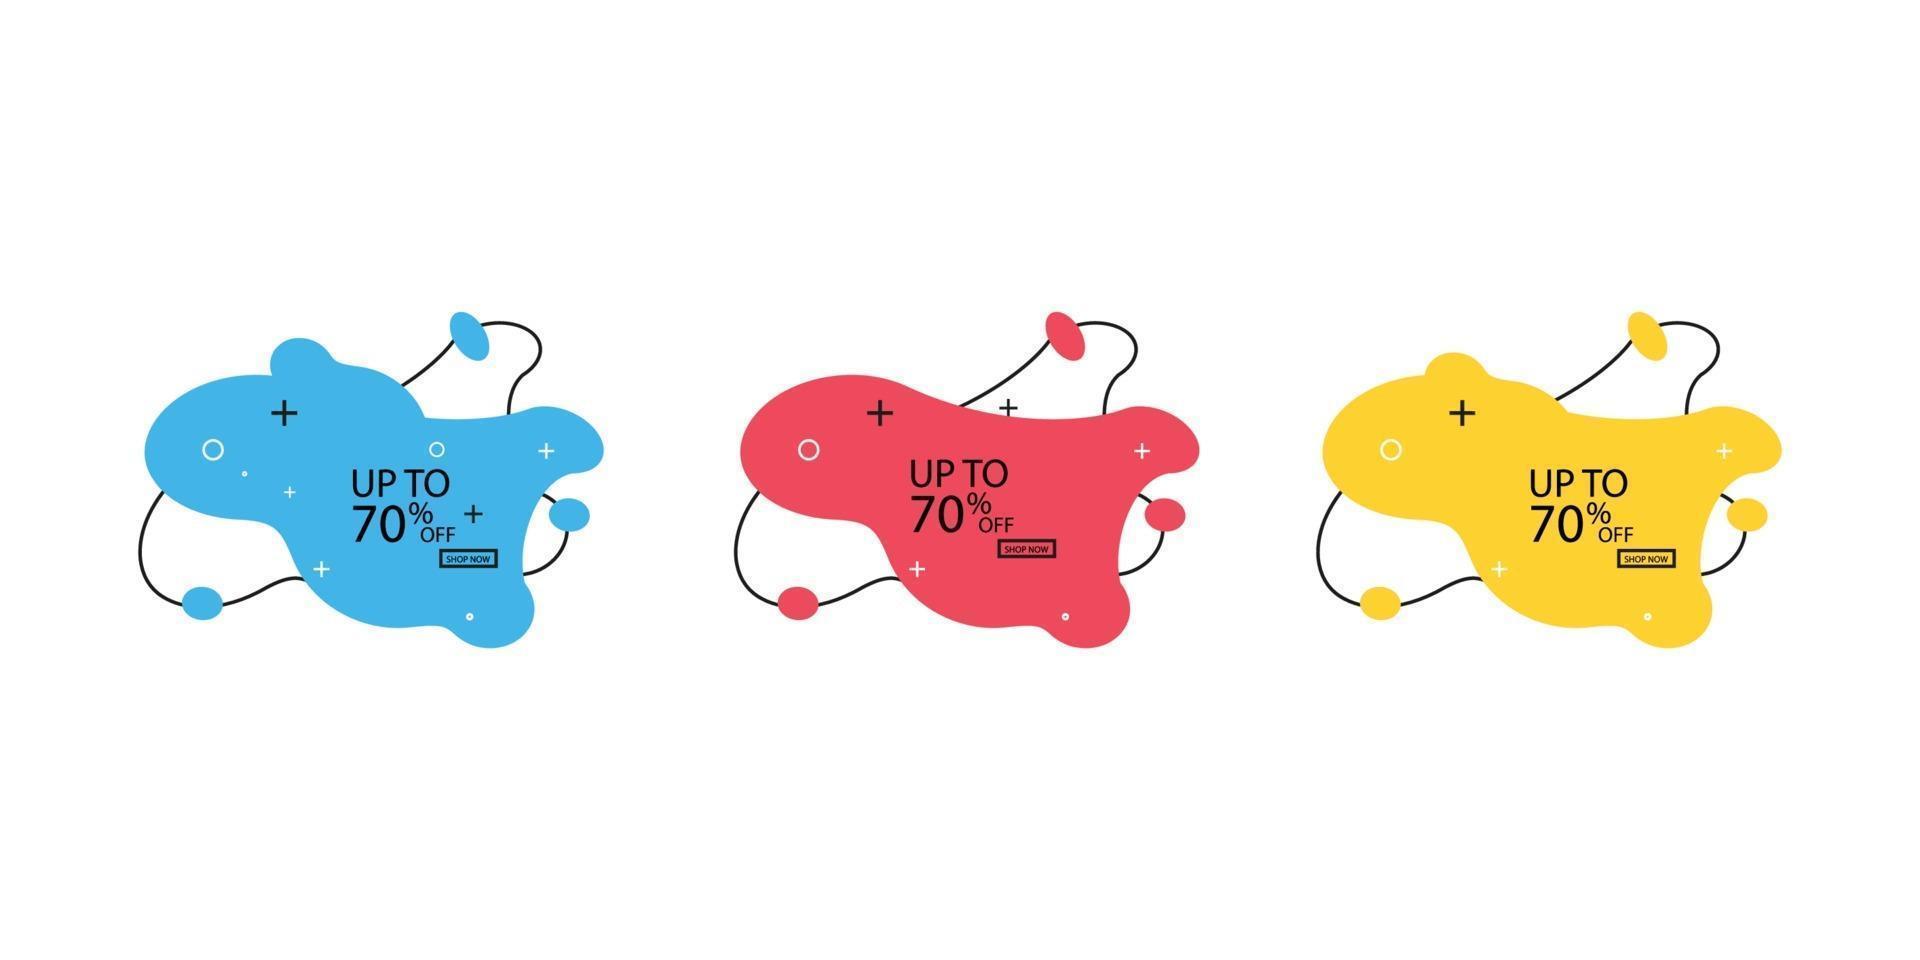 banner na moda de bolhas de líquido. conjunto de banners de venda com formas da moda. banners de desconto de vetor. vetor